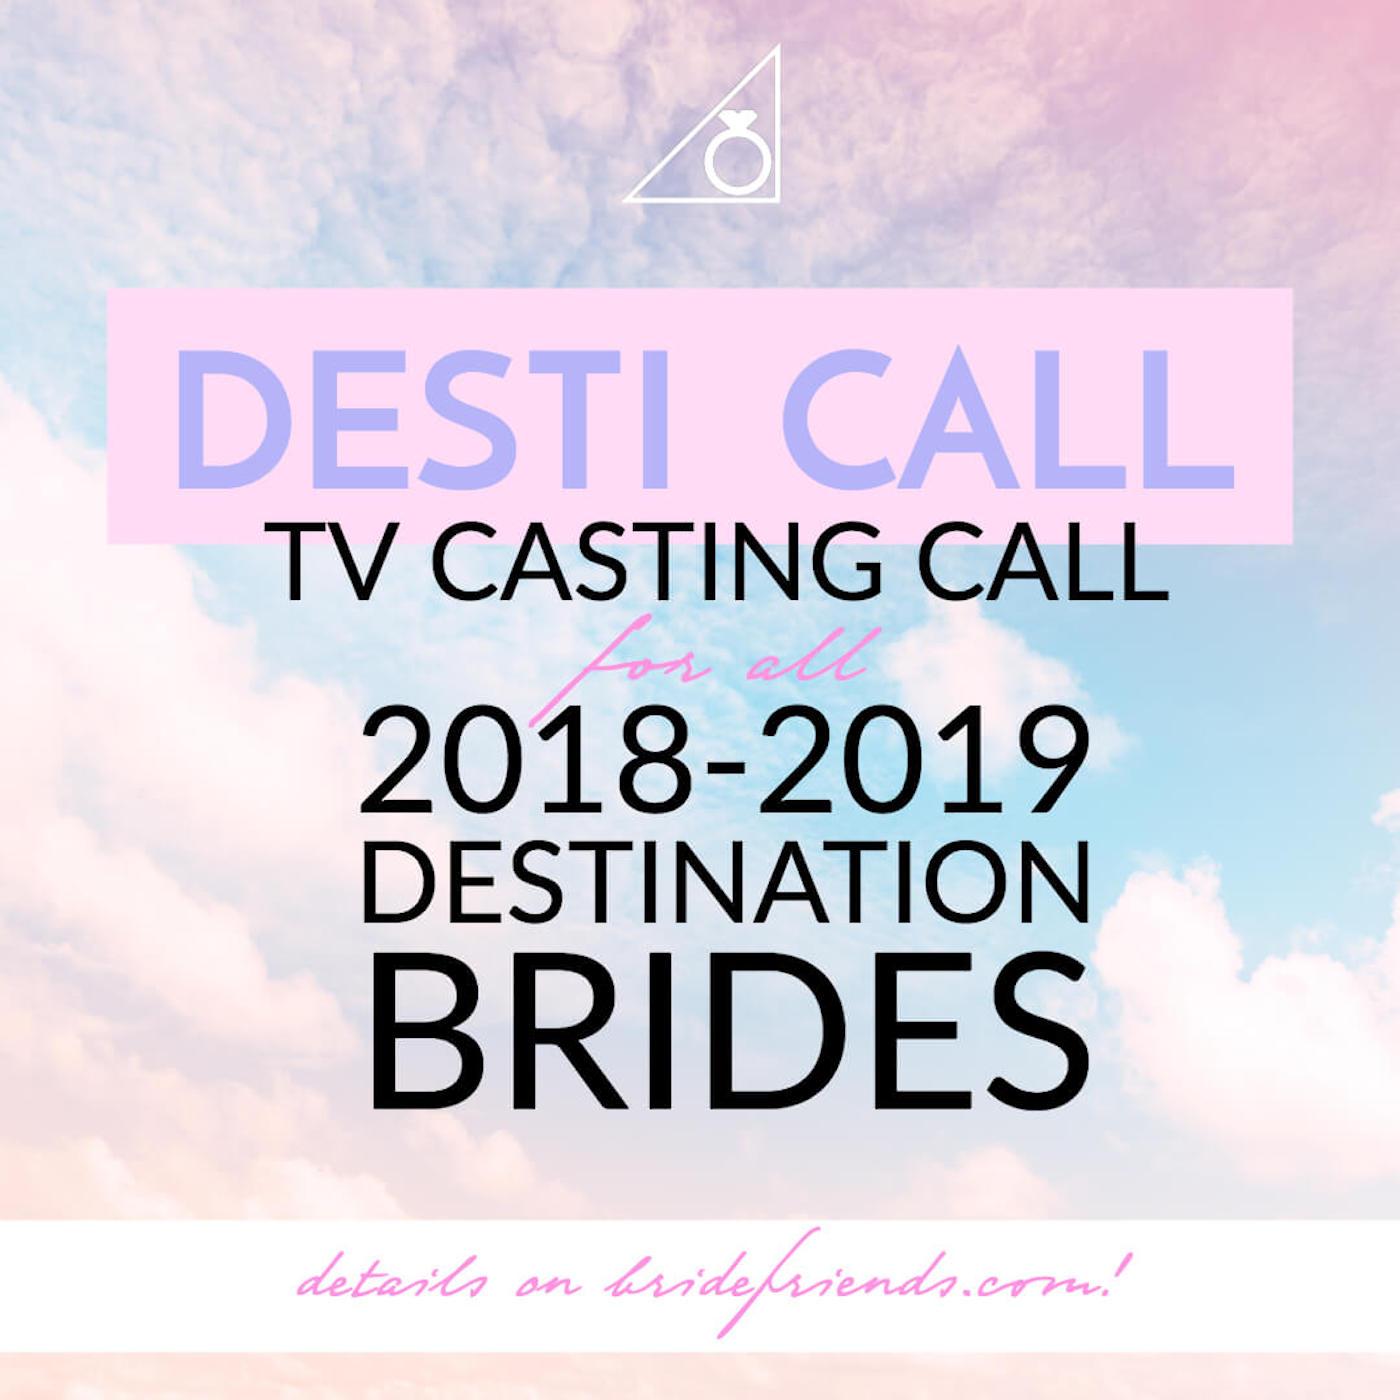 desti-call-black-destination-bride-destination-wedding-bride-groom-couple-bridefriends- tv-casting-call-shareable-2